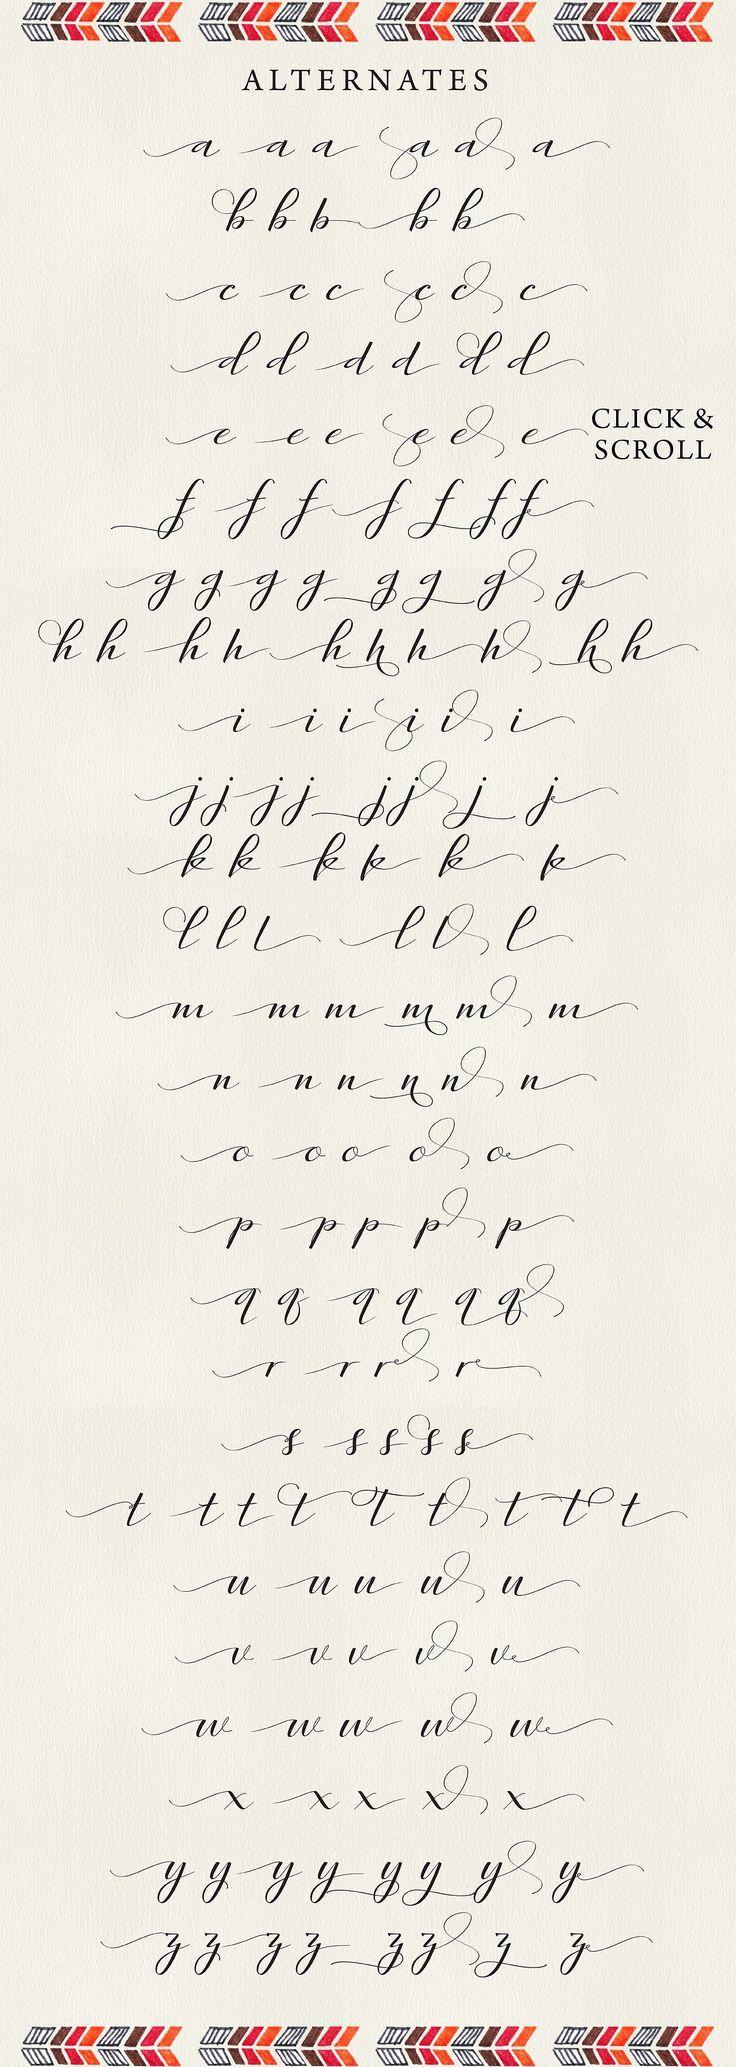 Rambies – Calligraphie manuscrite de Get Studio sur le marché créatif